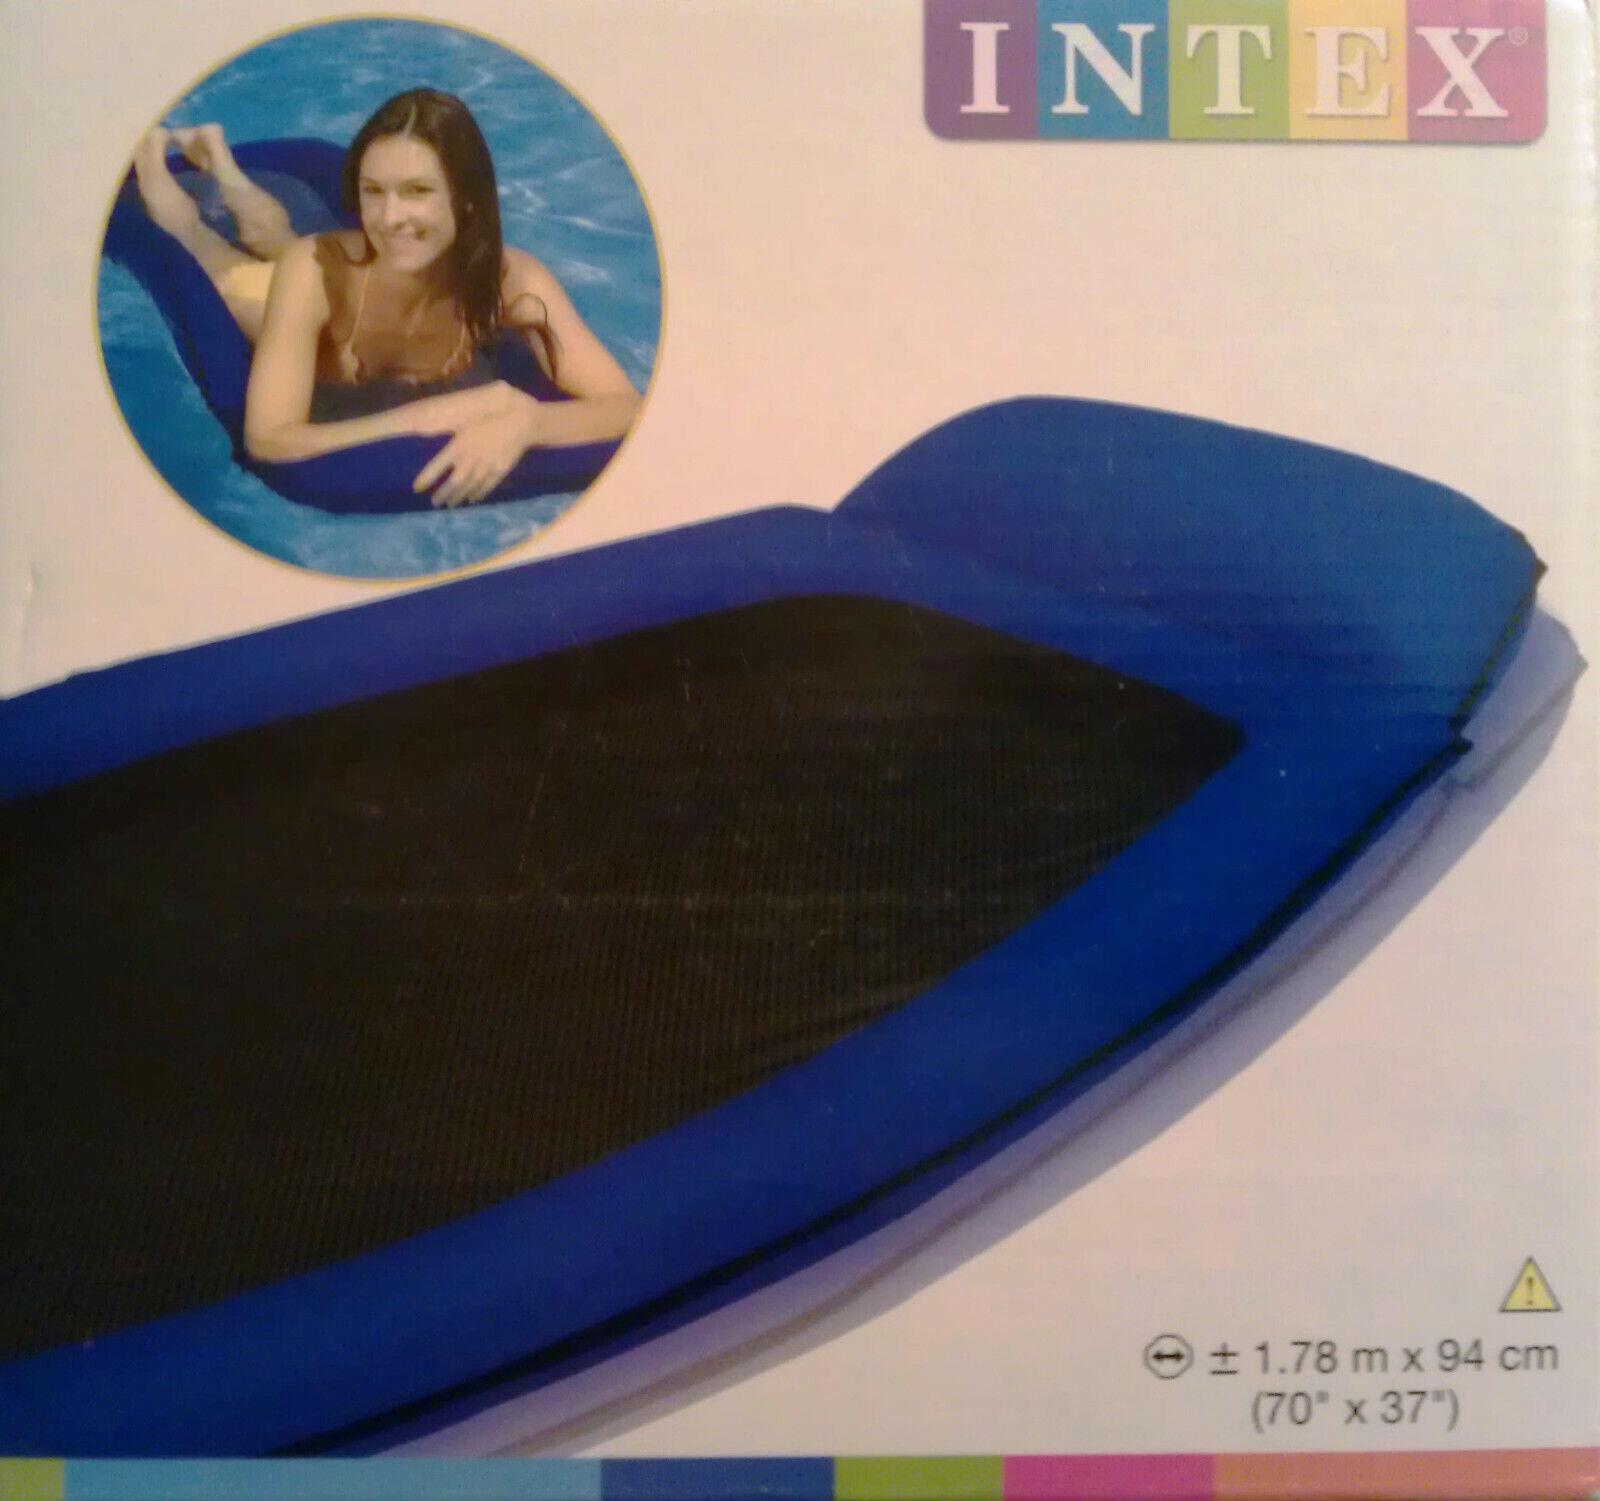 Getränkehalter Pool DHL INTEX Relax Lounge Schwimmliege Luftmatratze Badespaß